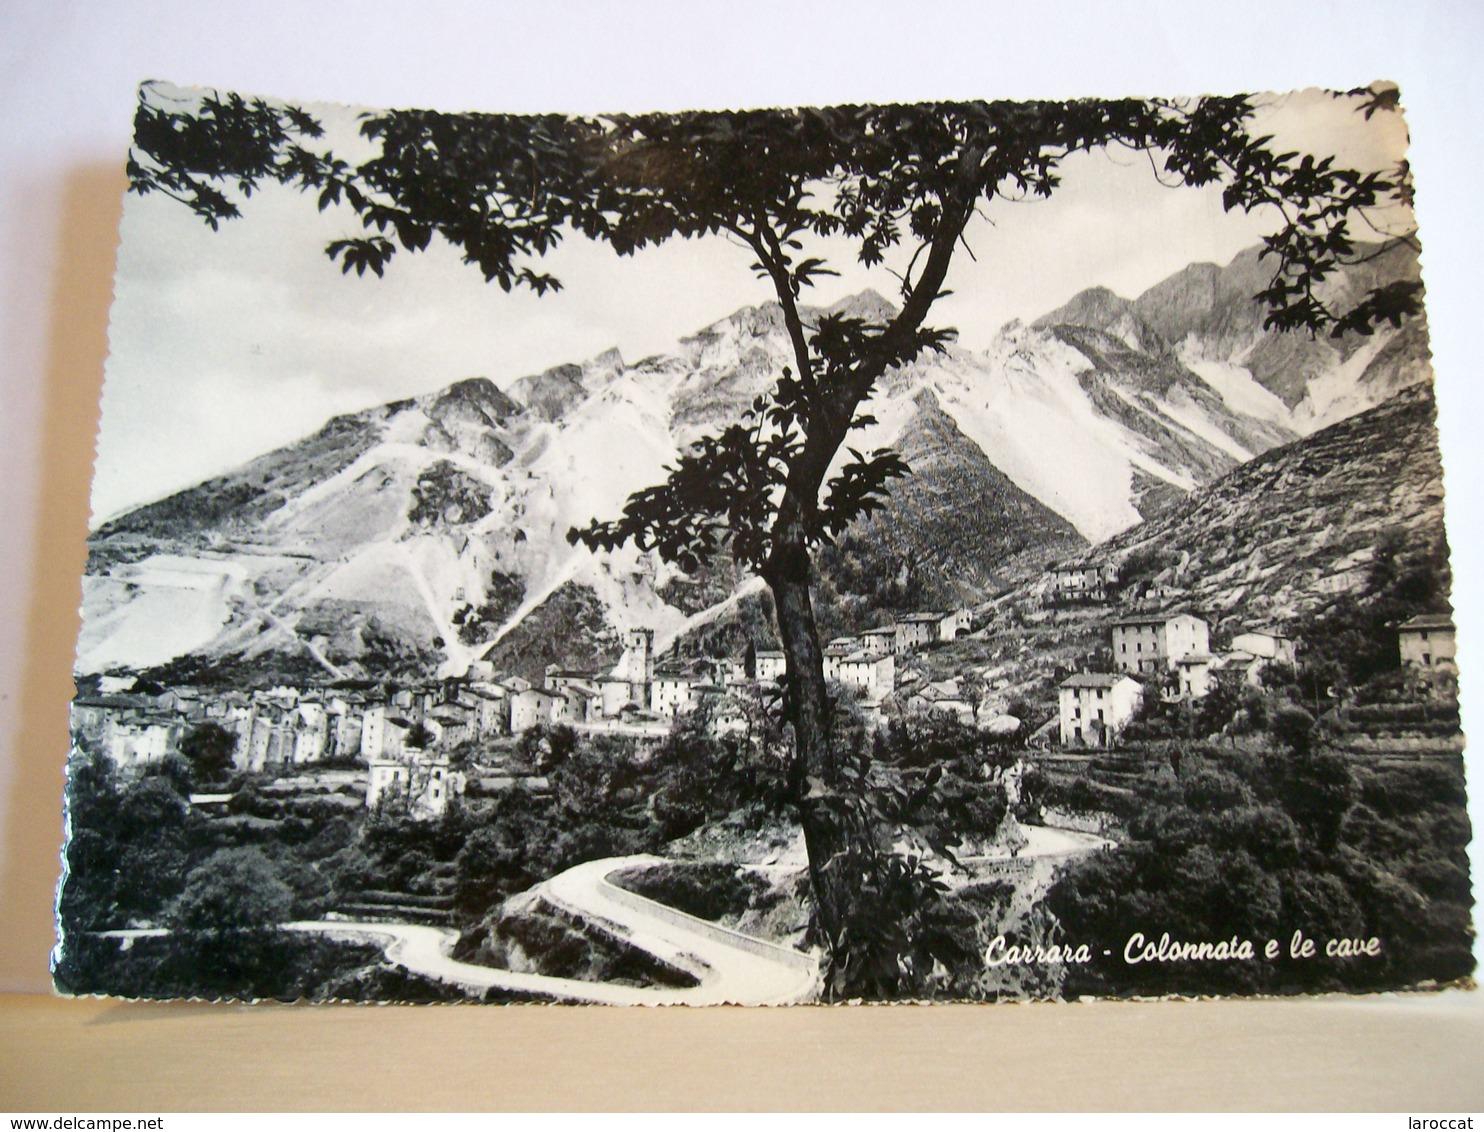 1955 - Massa  Carrara -  Colonnata E Le Cave - Panorama  - Alpi Apuane - Carrara